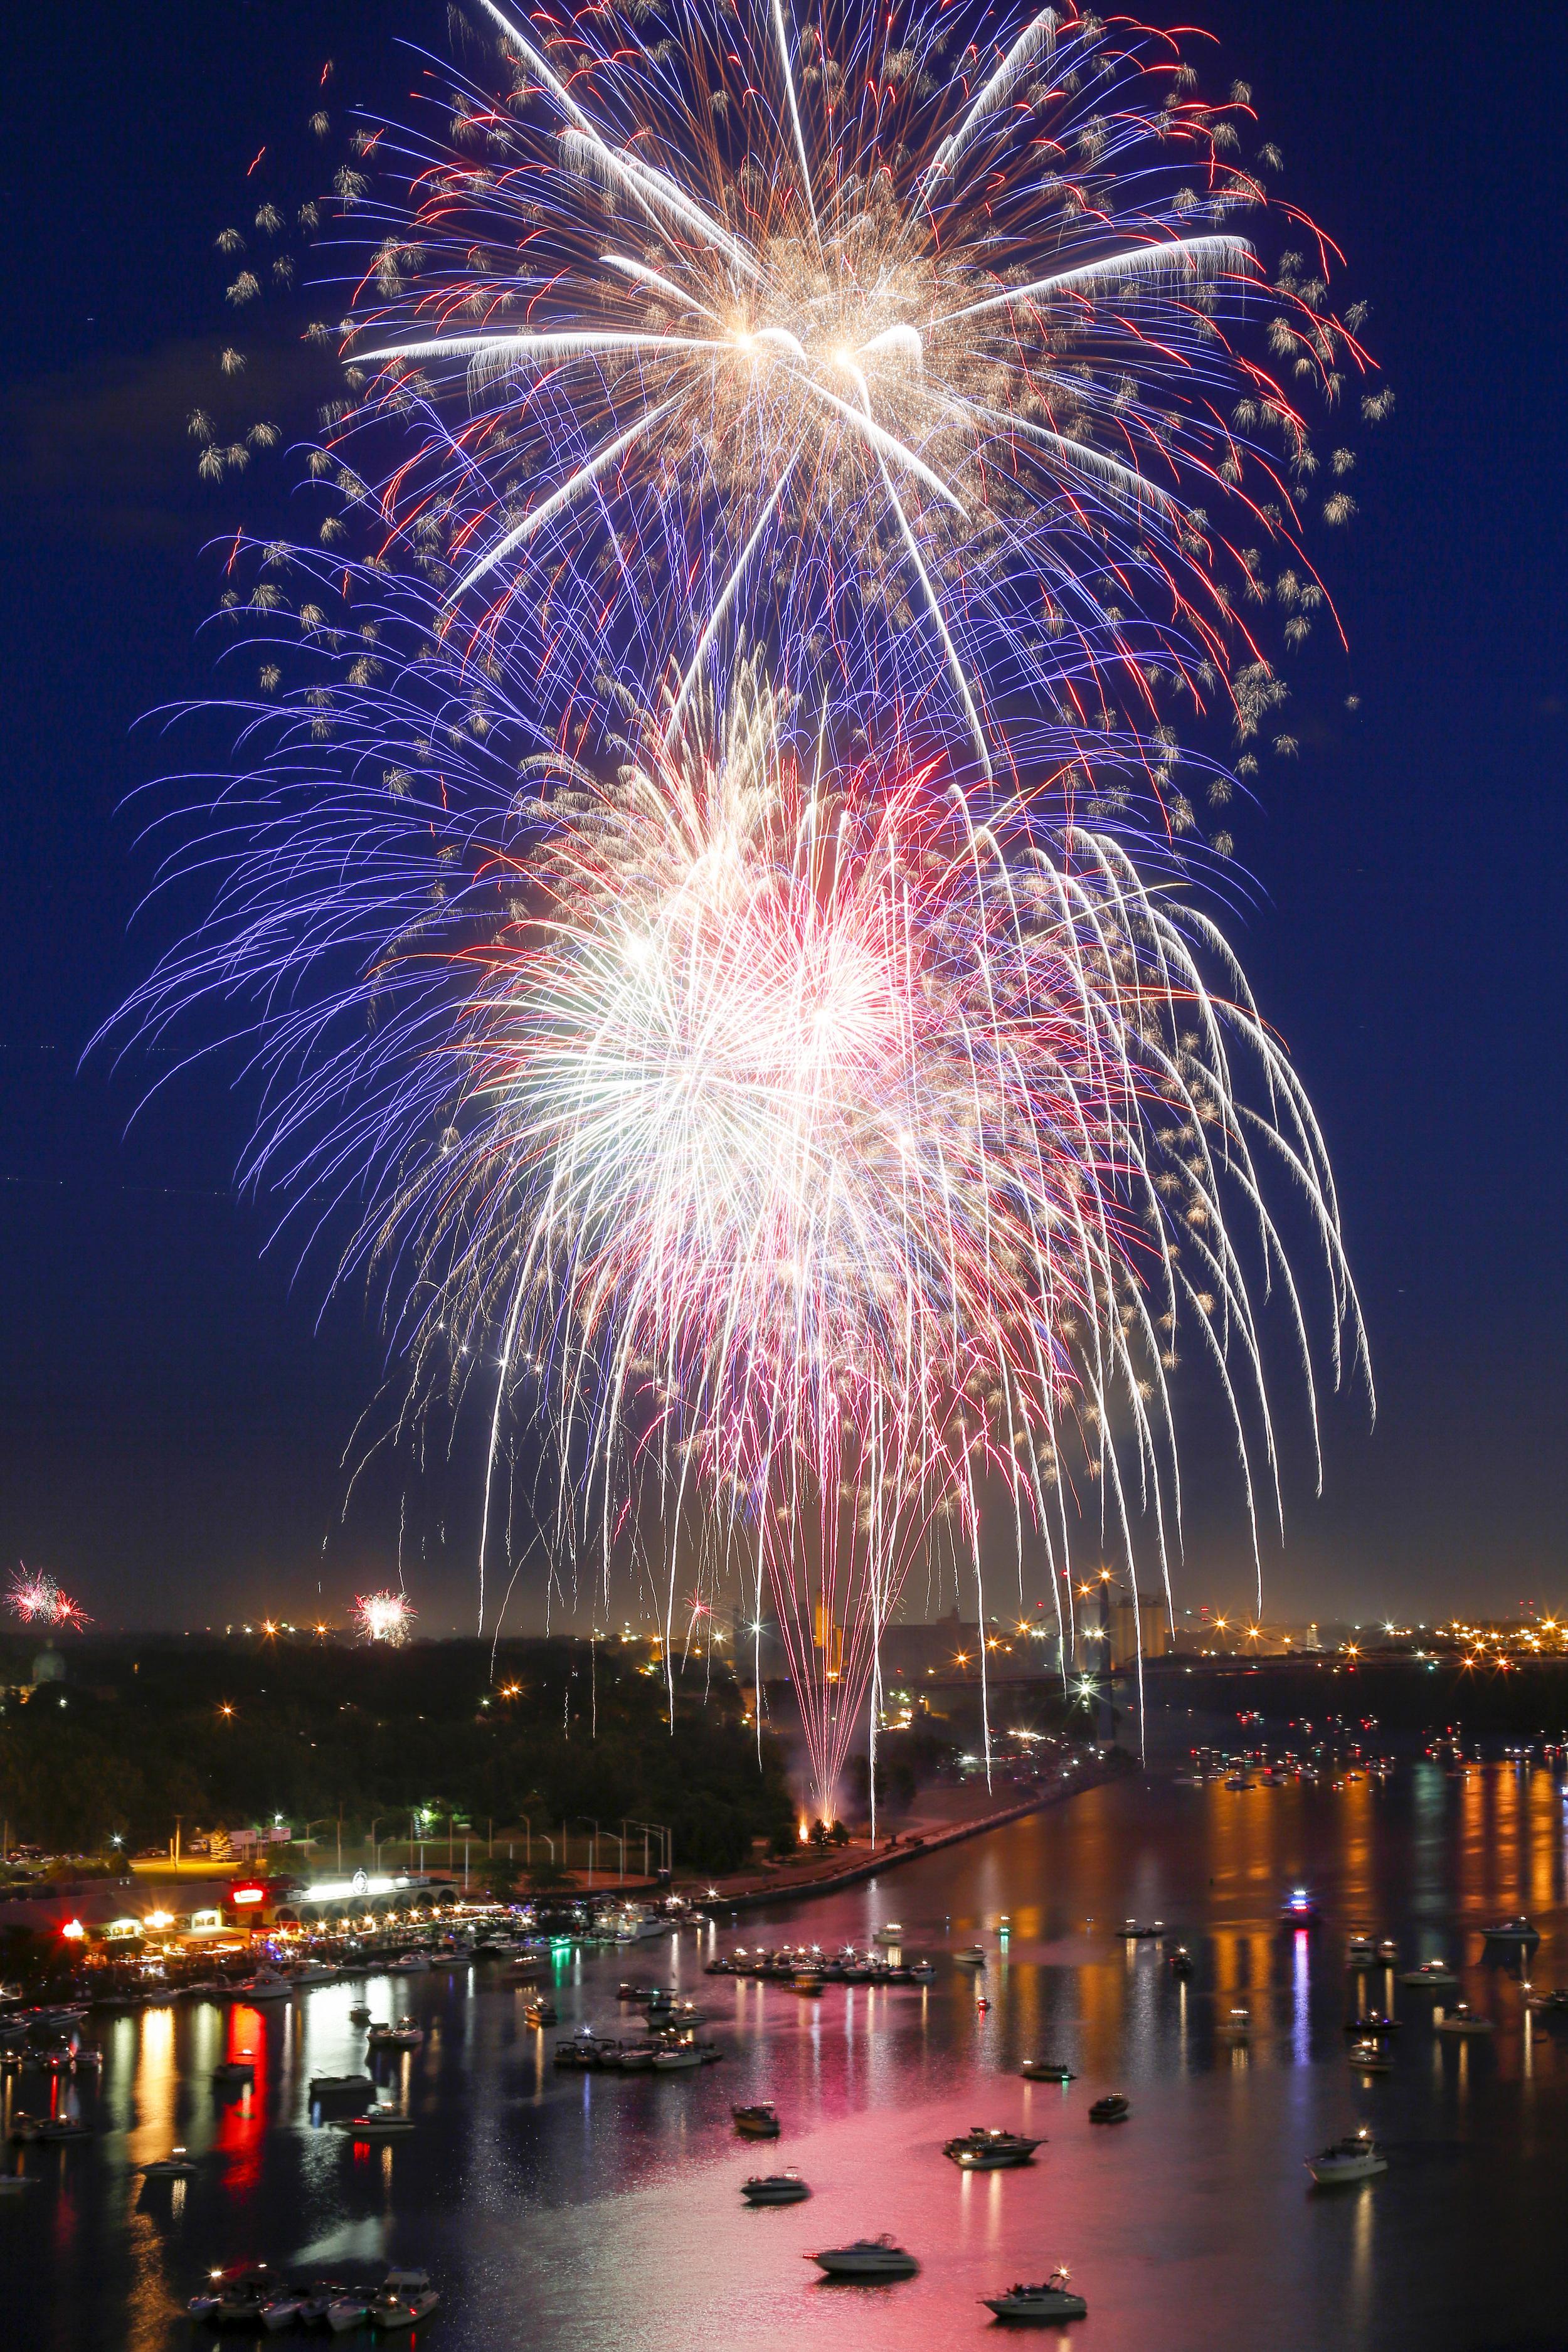 CTY_fireworks05p IG.jpg